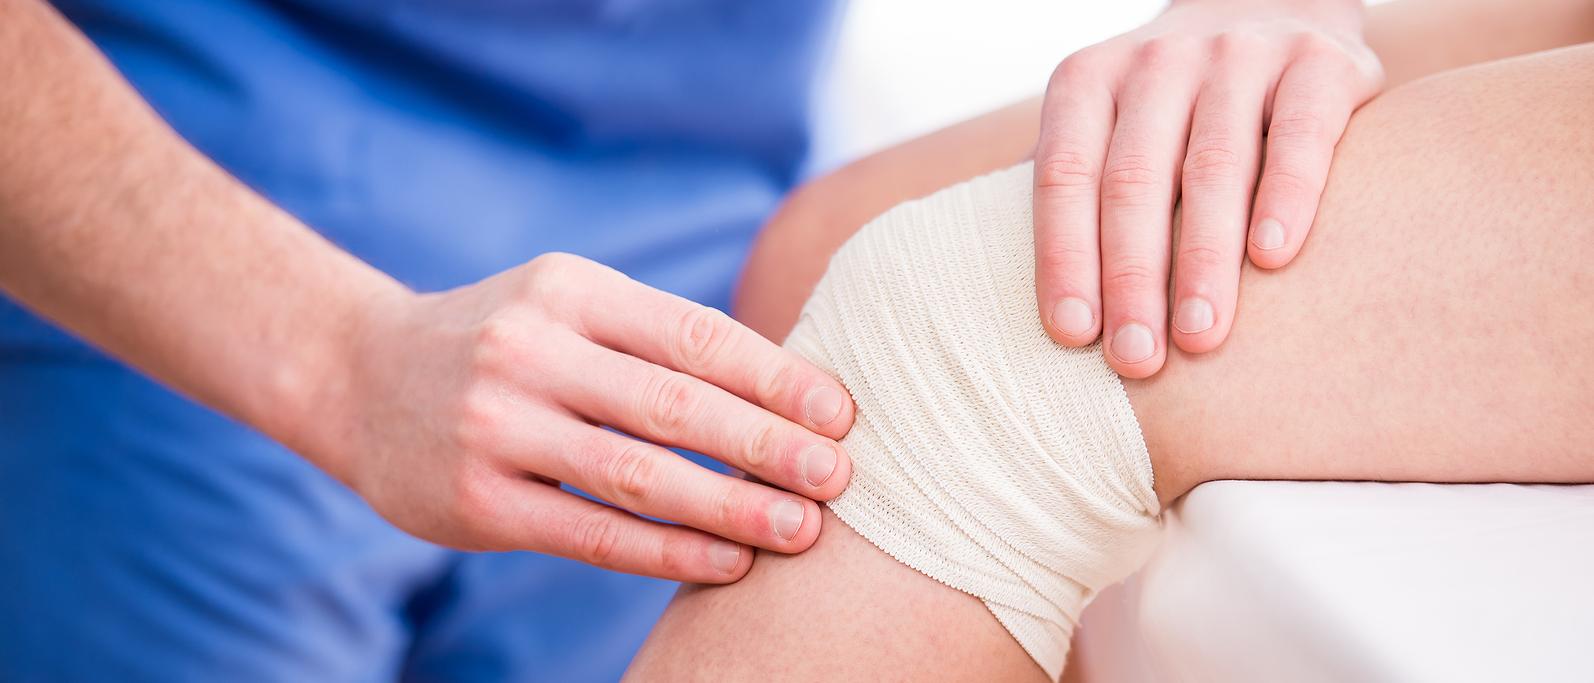 Медикаментозное лечение суставов ревматоидные боли, плечевой сустав